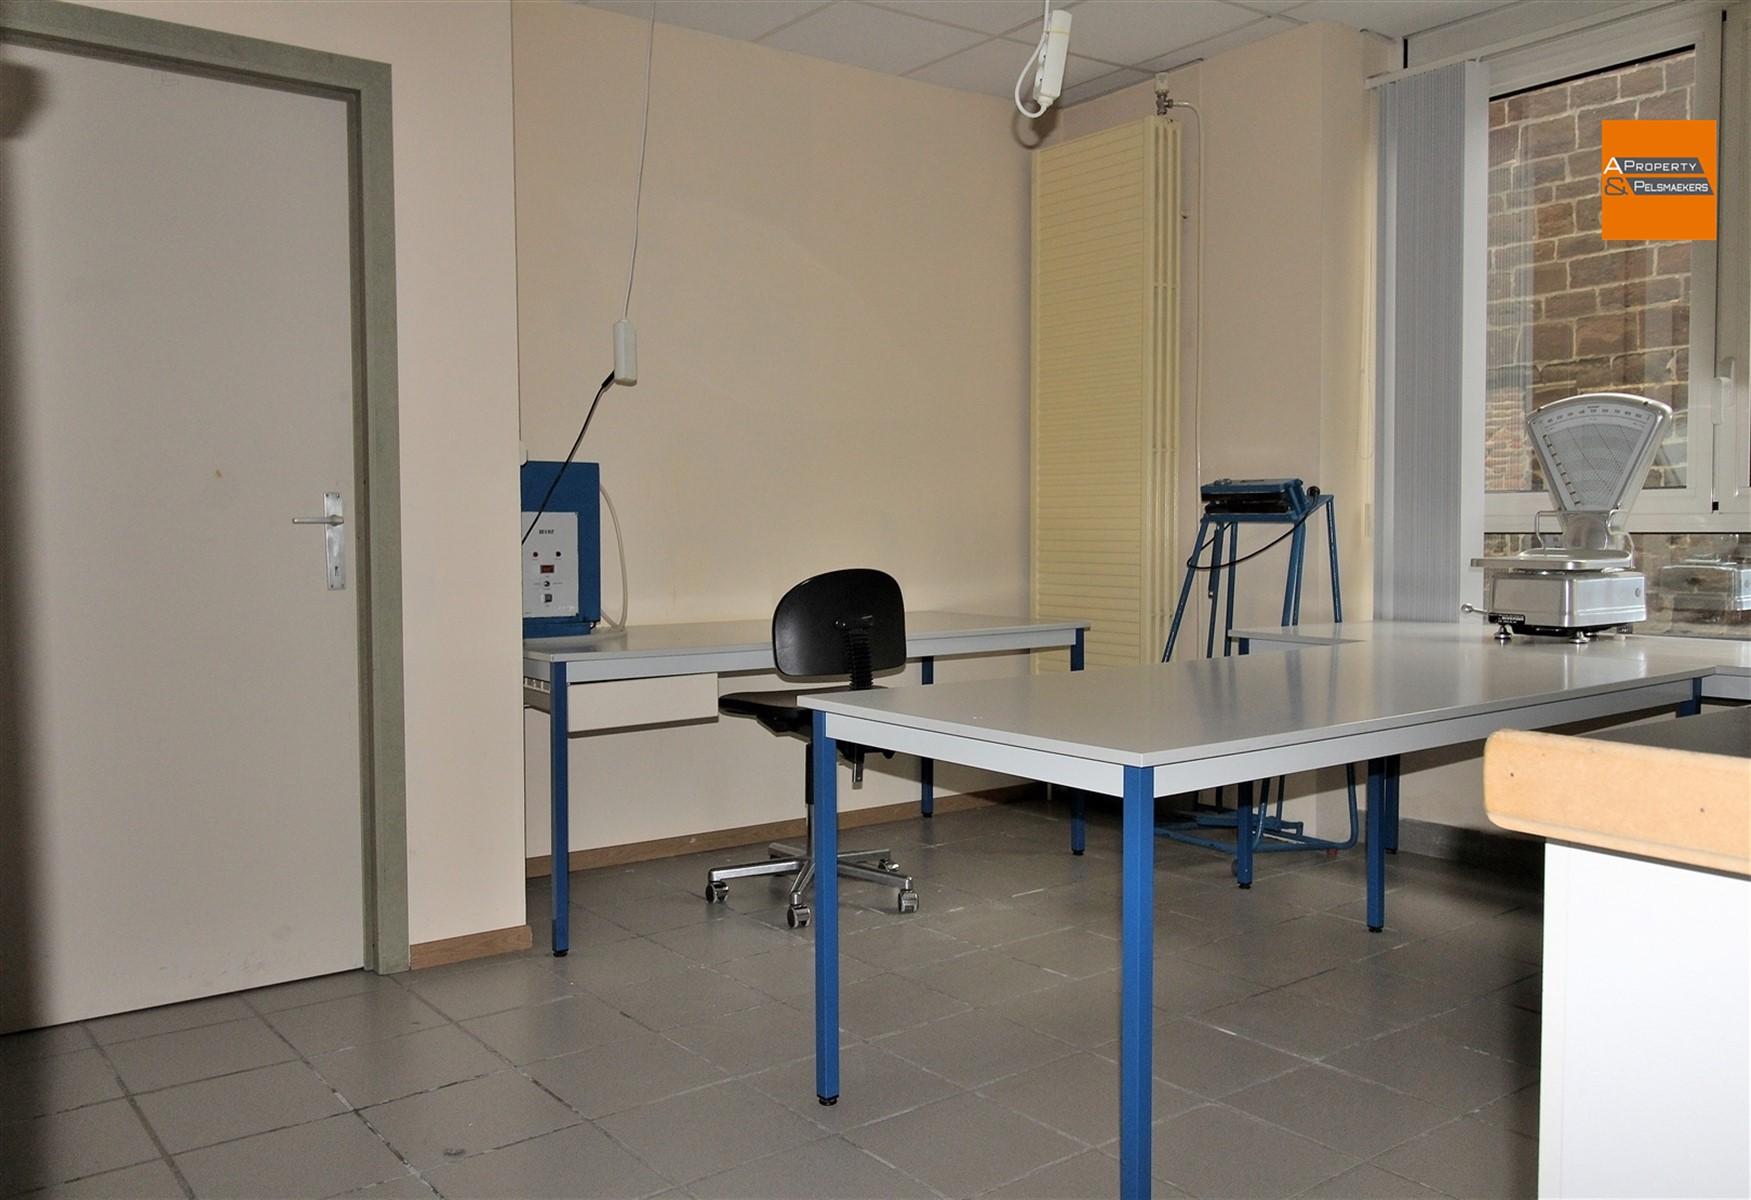 Foto 13 : Winkelruimte in 3272 TESTELT (België) - Prijs € 850